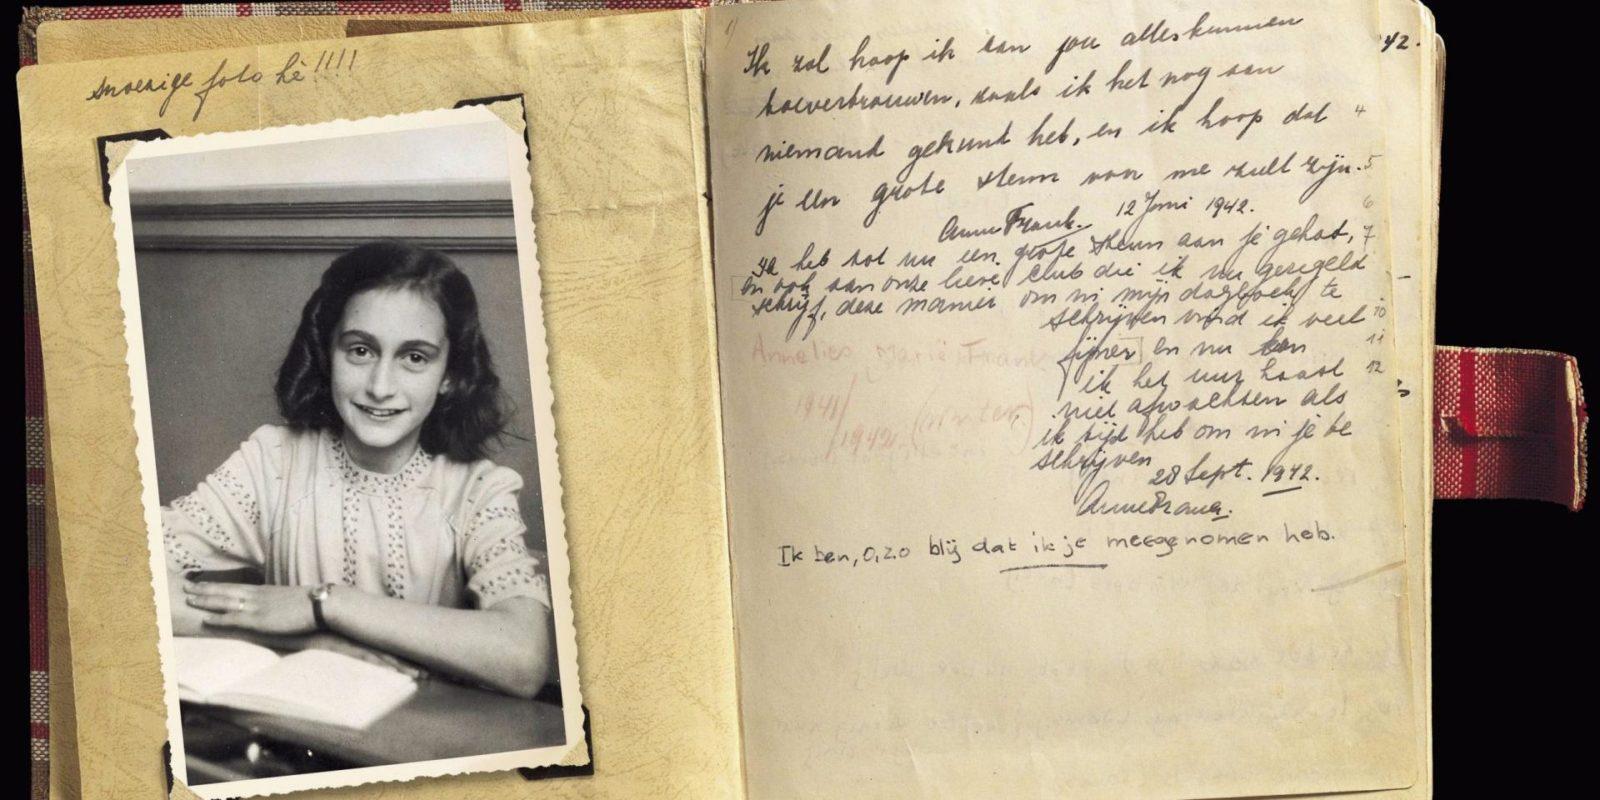 Il diario di Anna Frank - Teatro Regio Torino